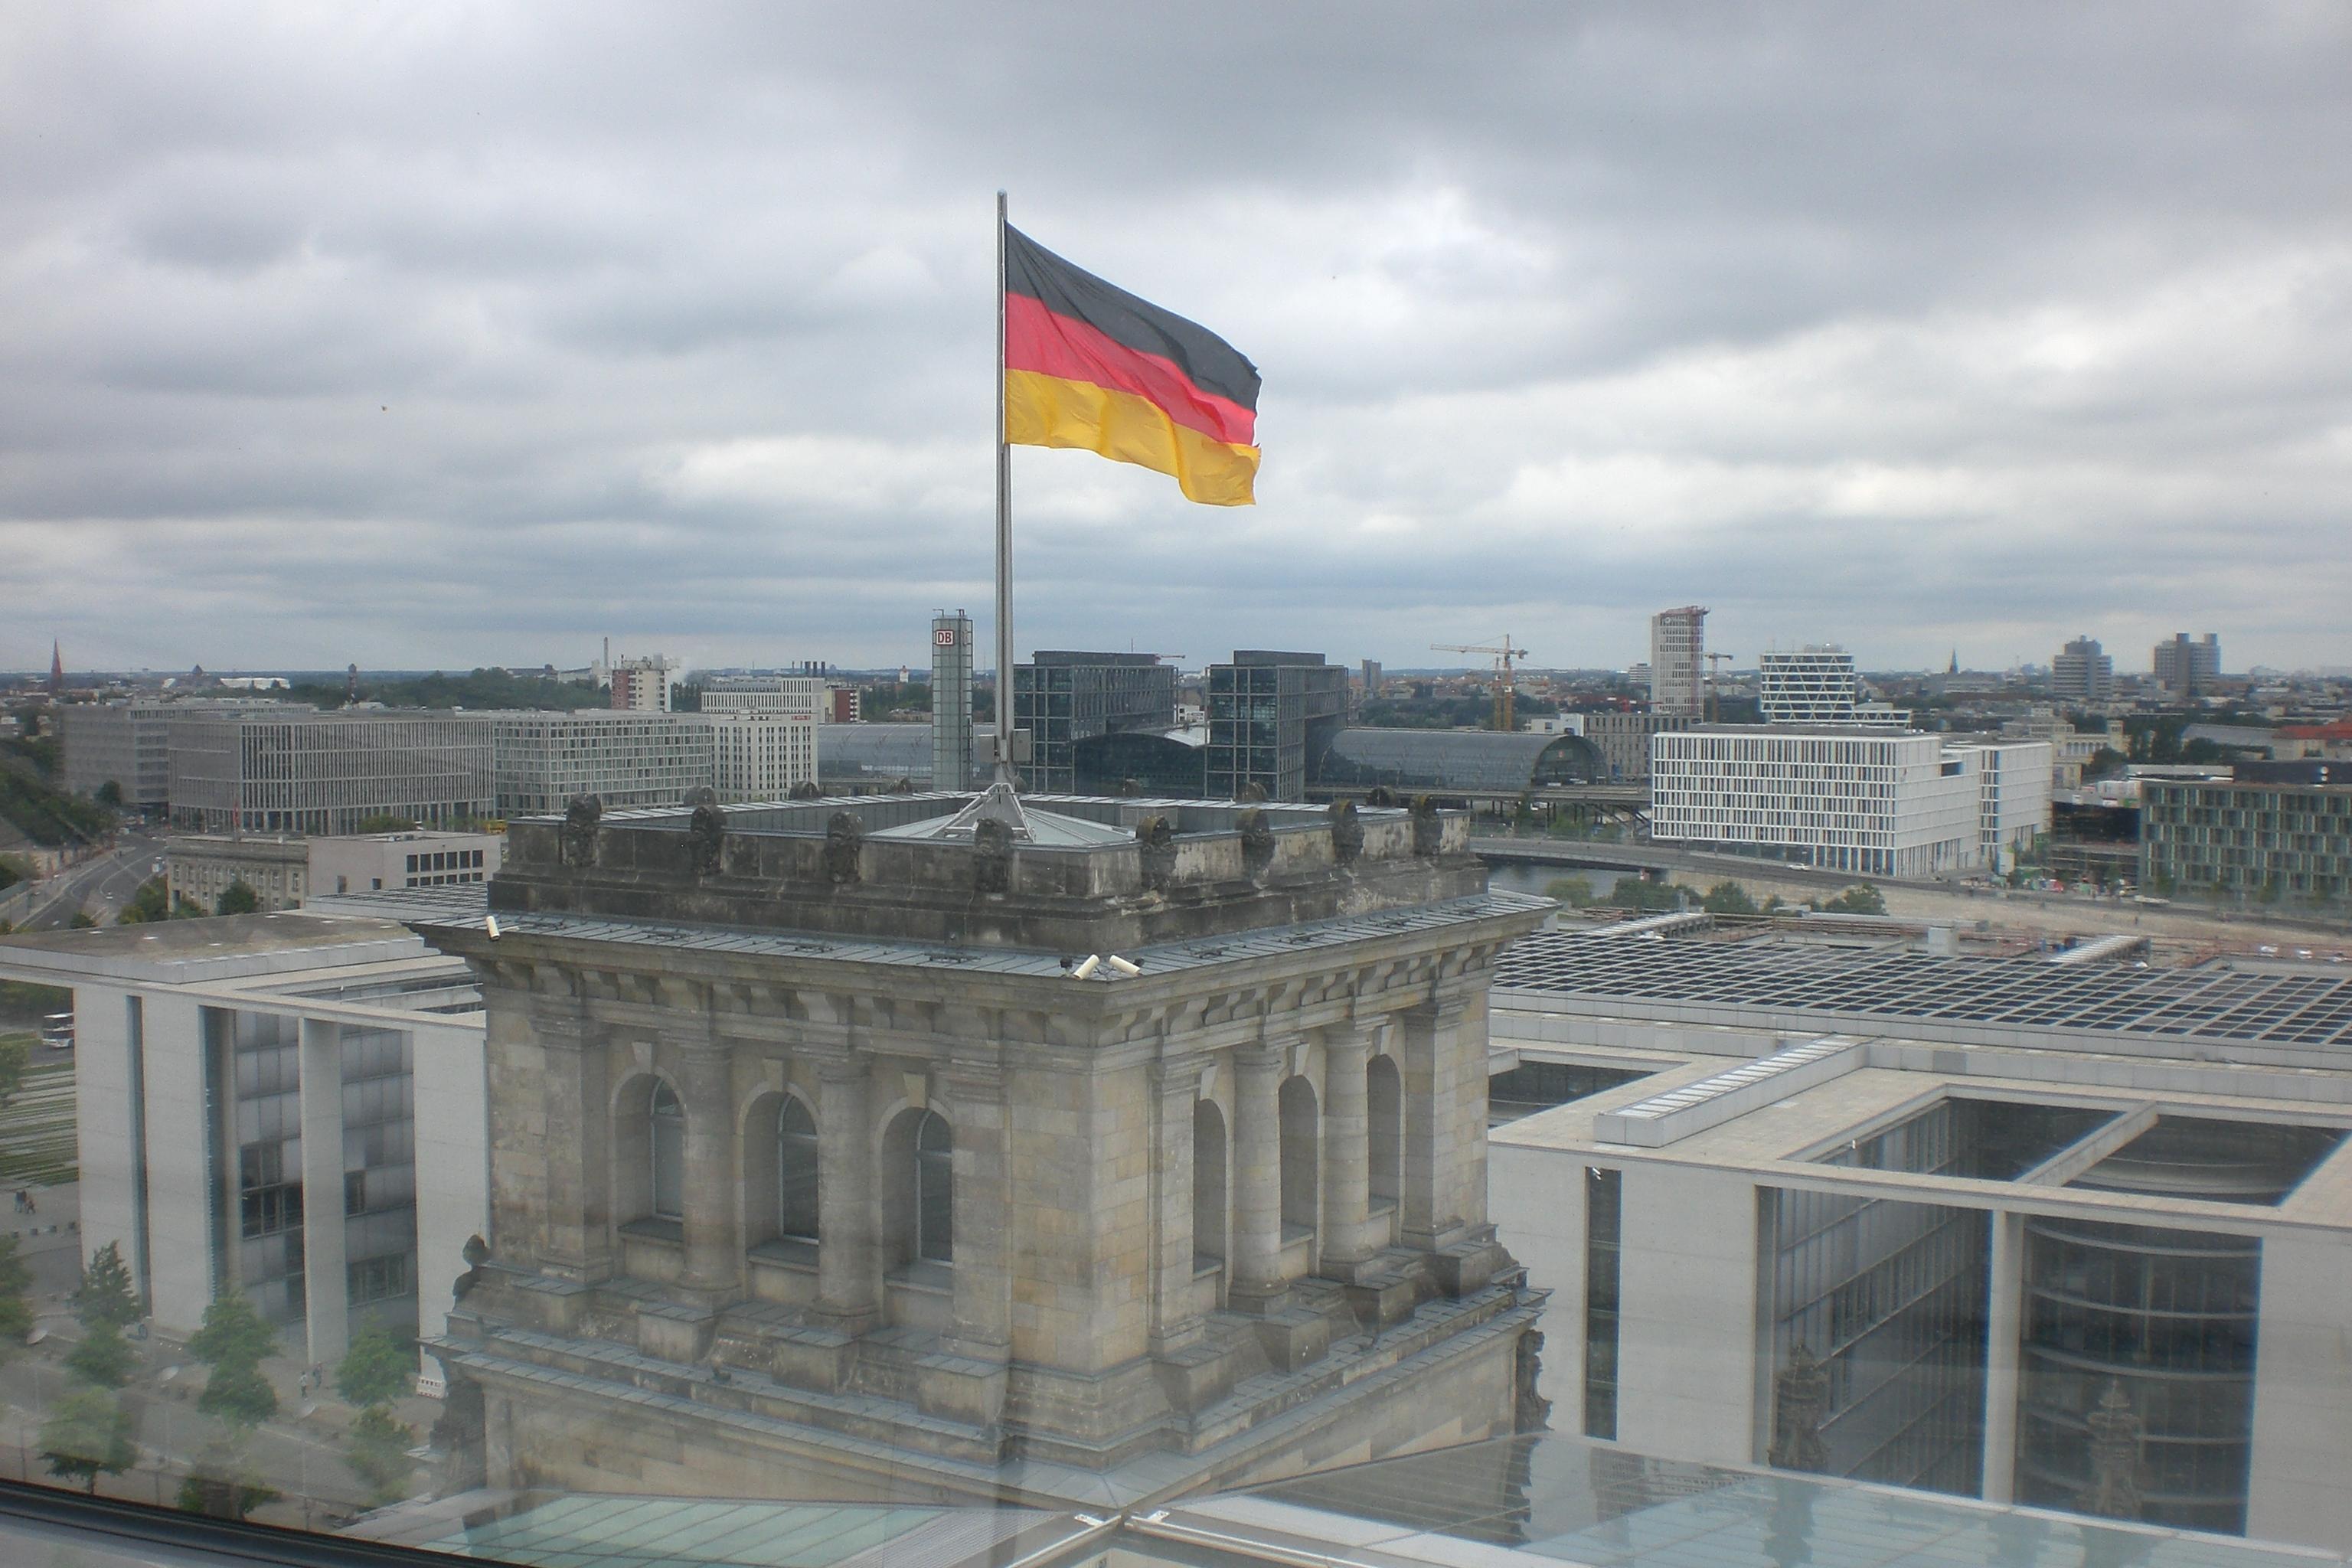 Stadtporträt Berlin | Goethe-Sprachlernzentren